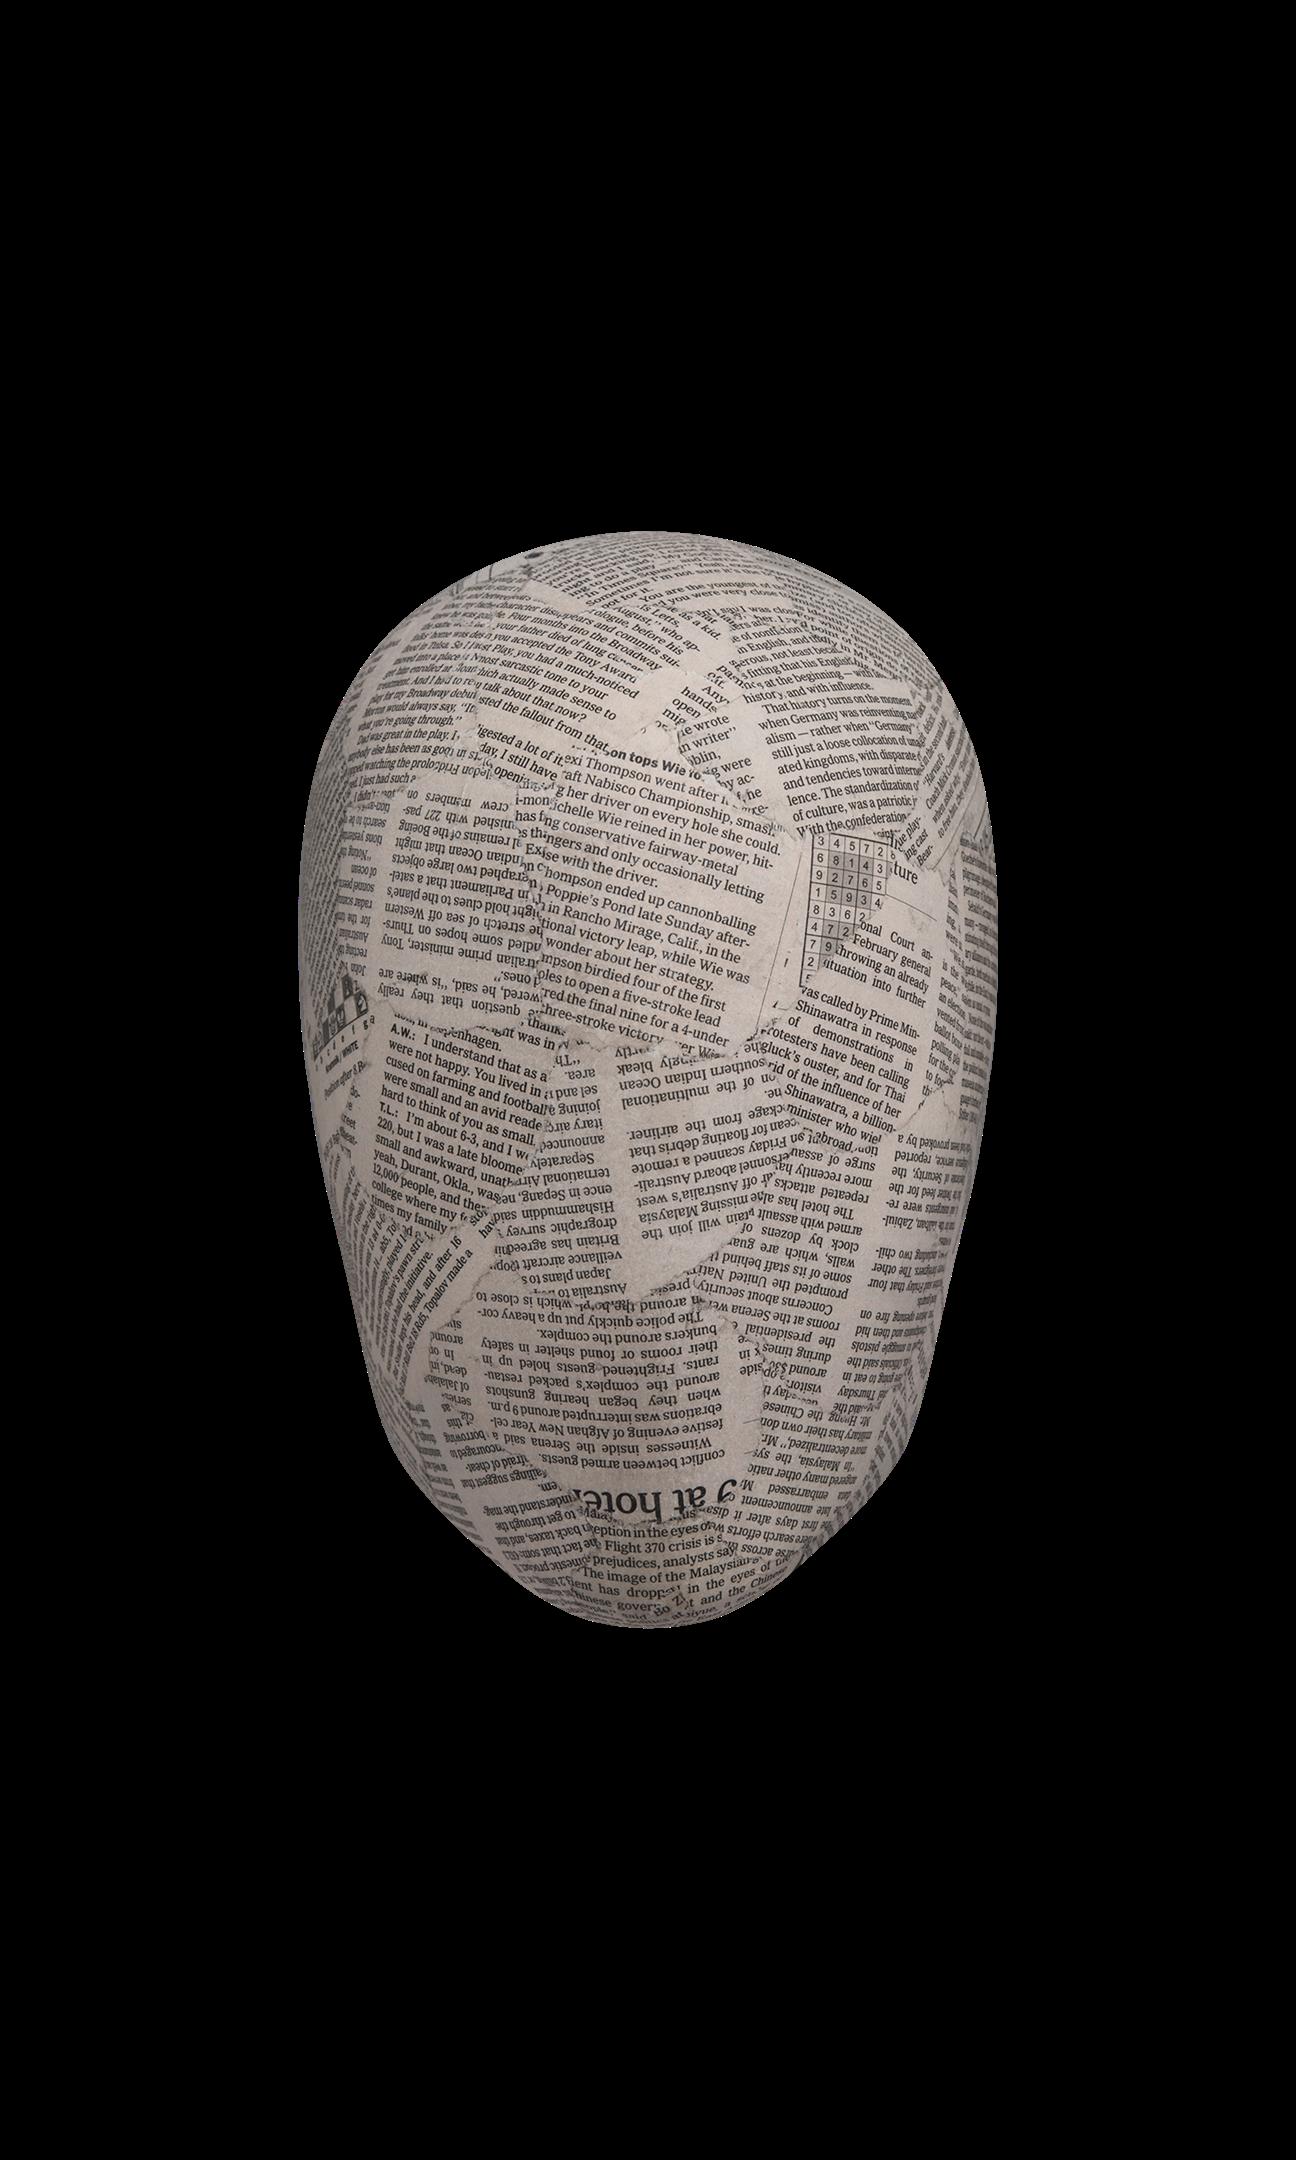 AHDM1/PM2-NEWSPAPERMATT